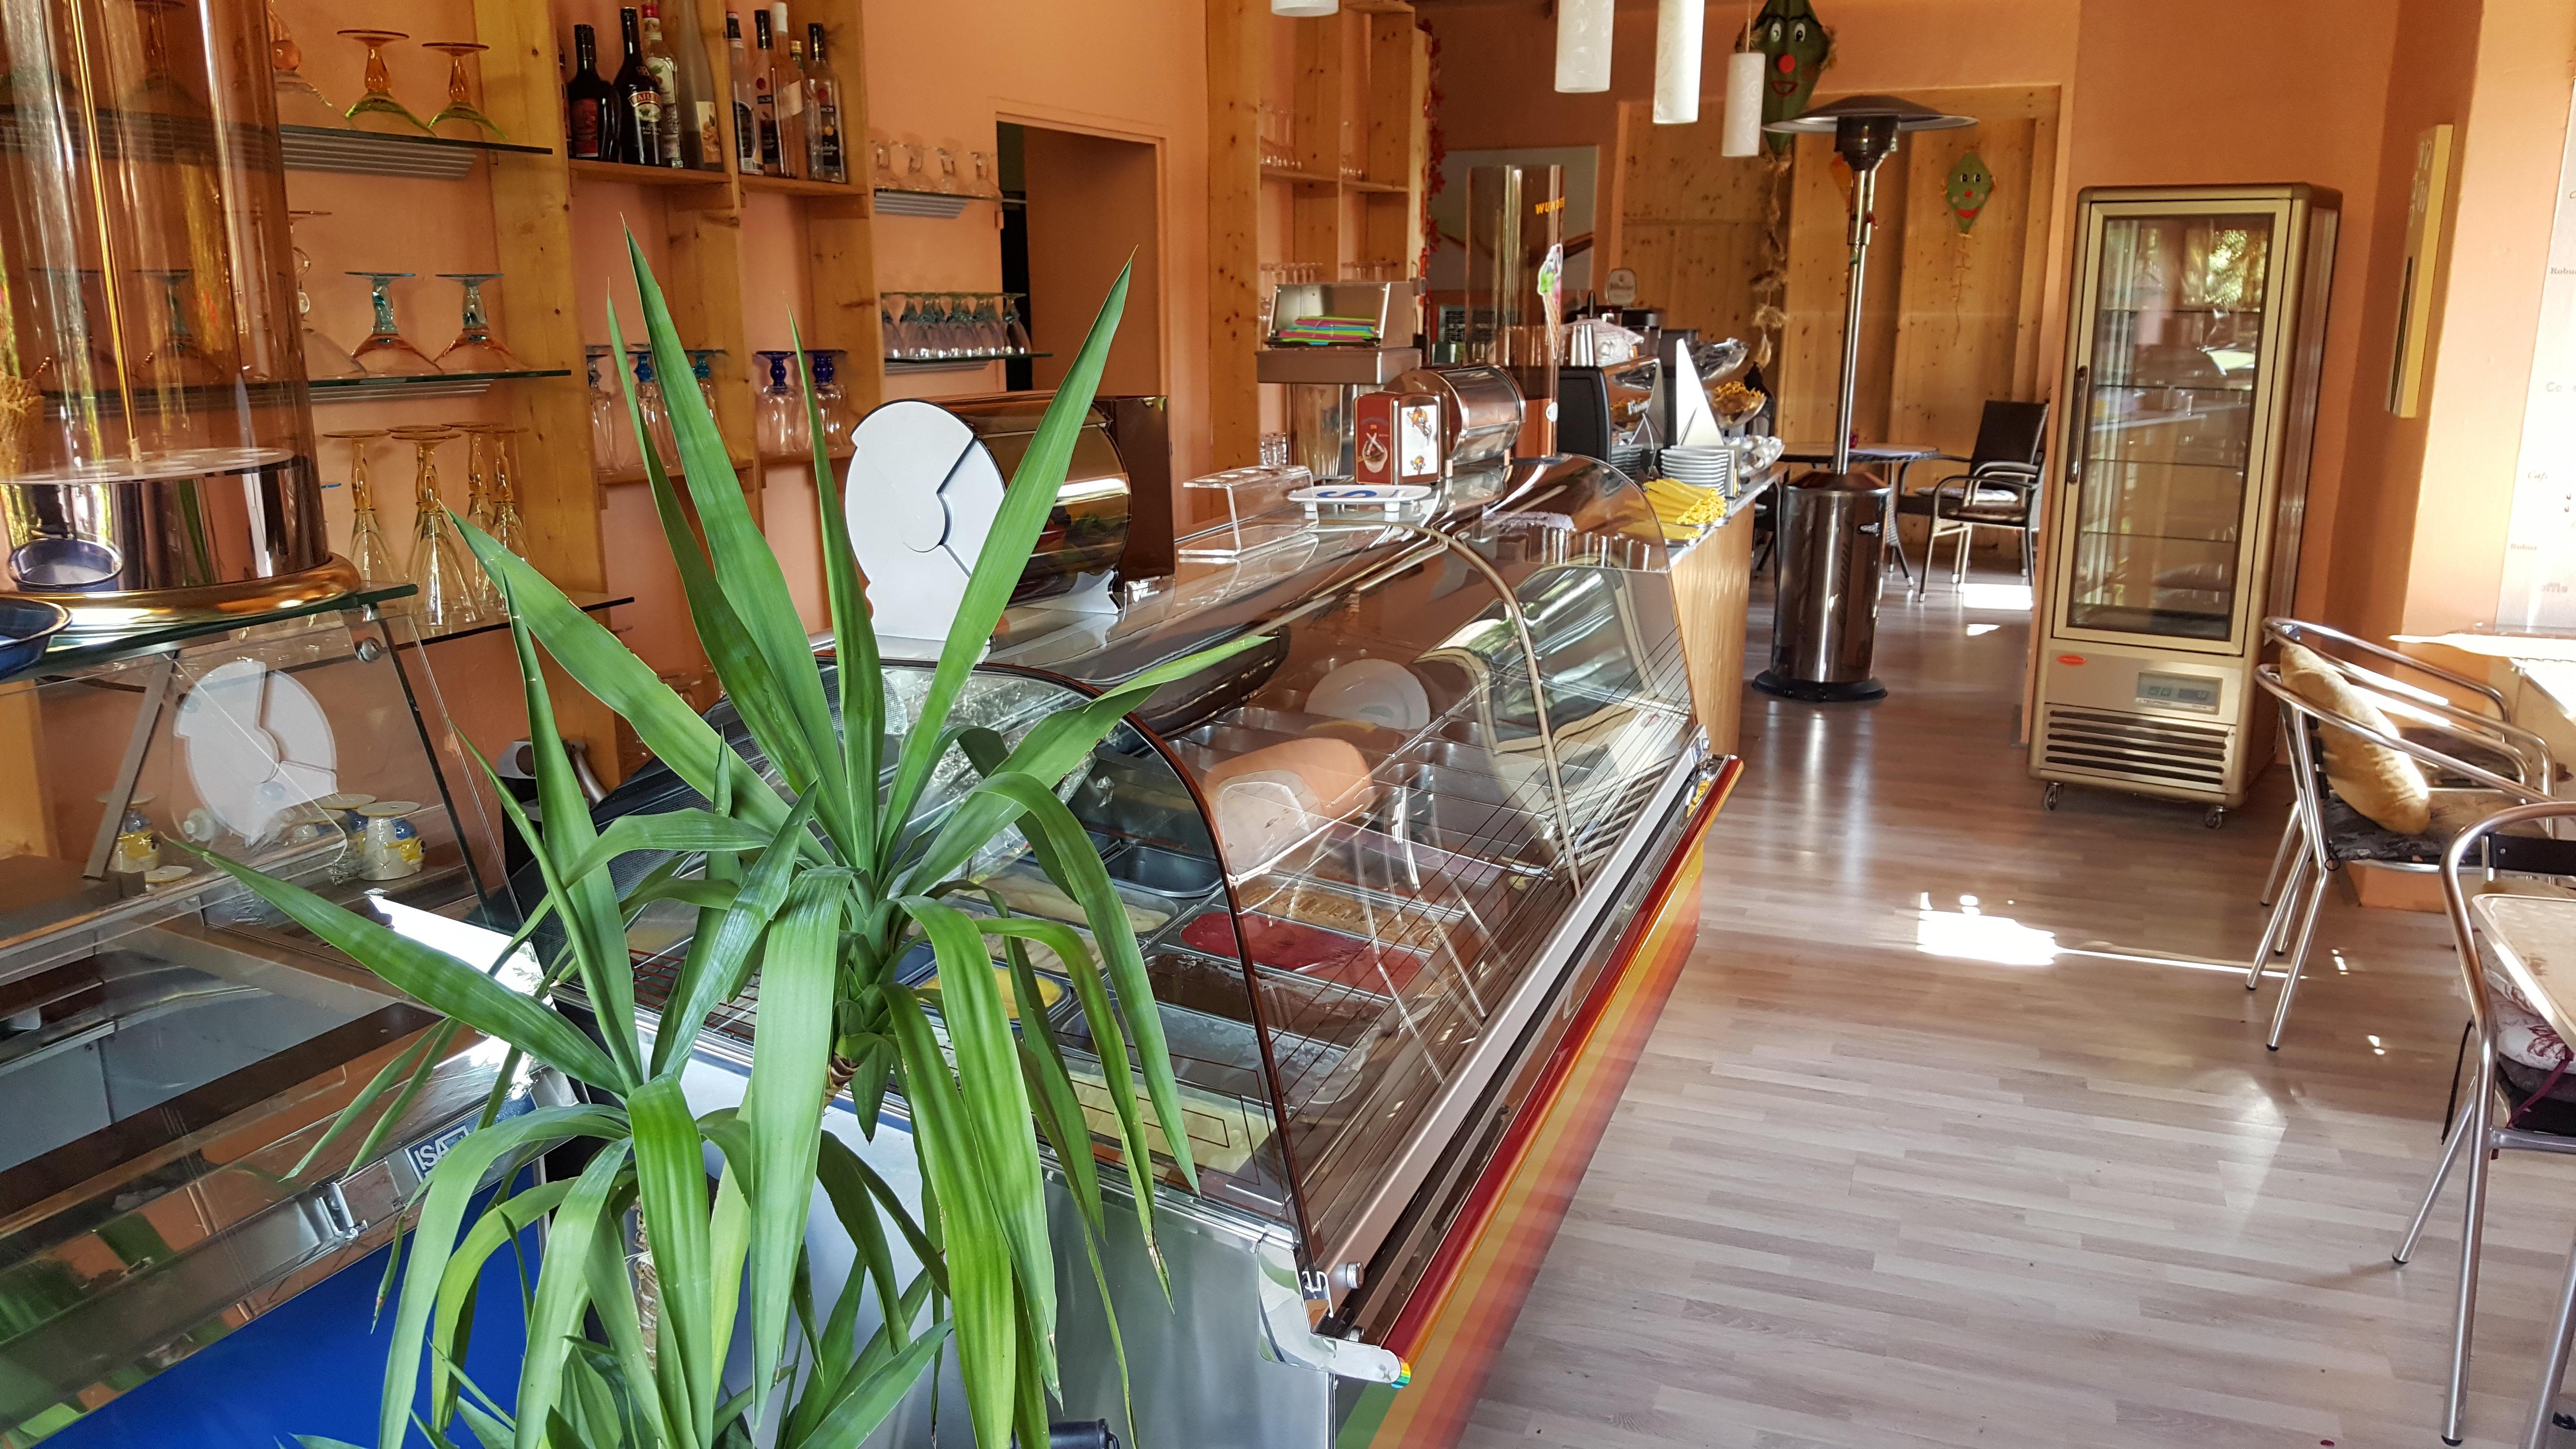 strau enwirtschaft eiscaf schuster restaurants kallstadt deutschland tel 063229884. Black Bedroom Furniture Sets. Home Design Ideas